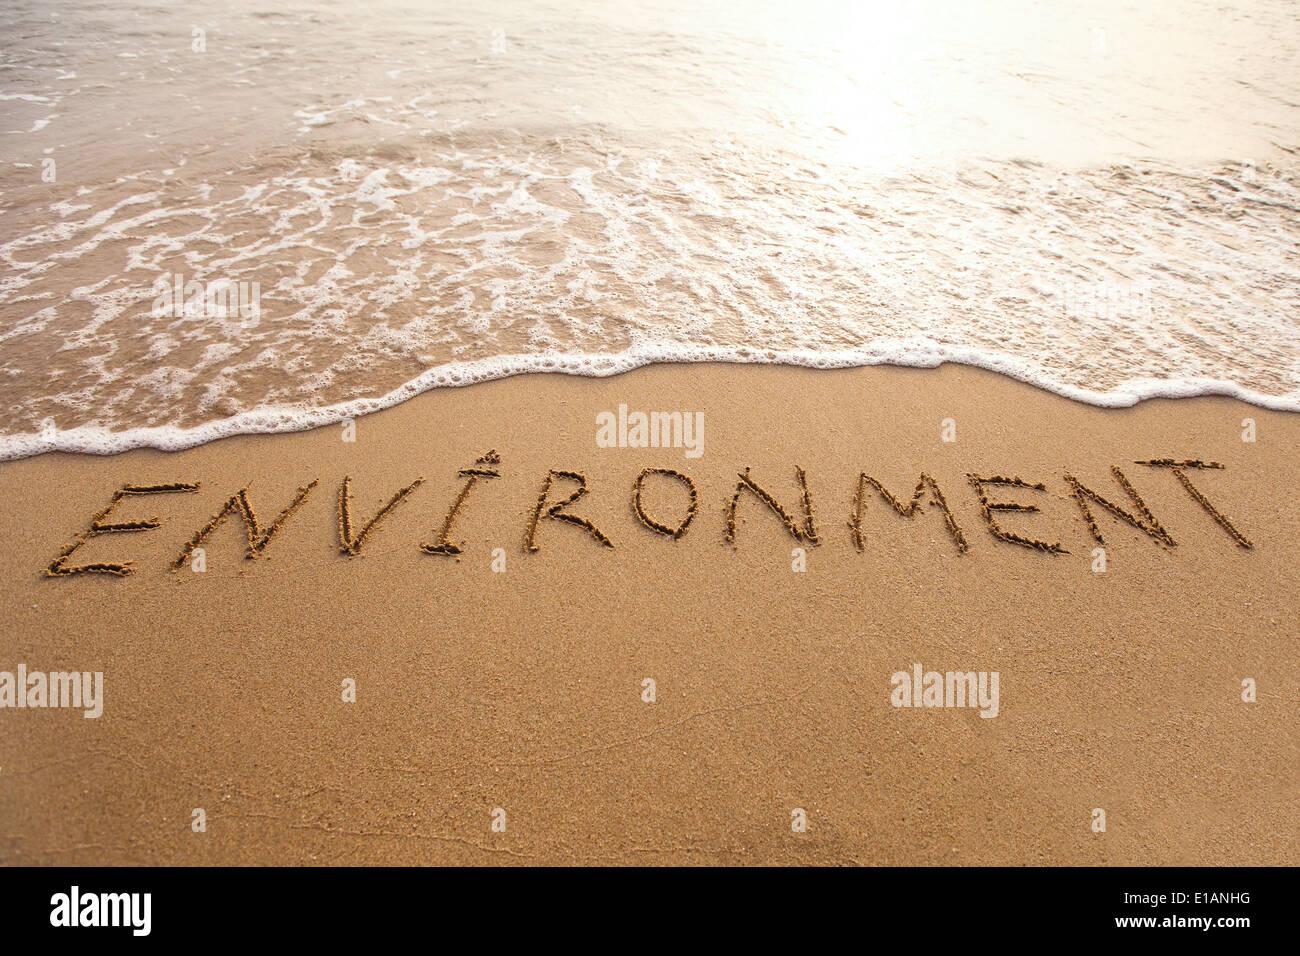 Concept de l'environnement Photo Stock